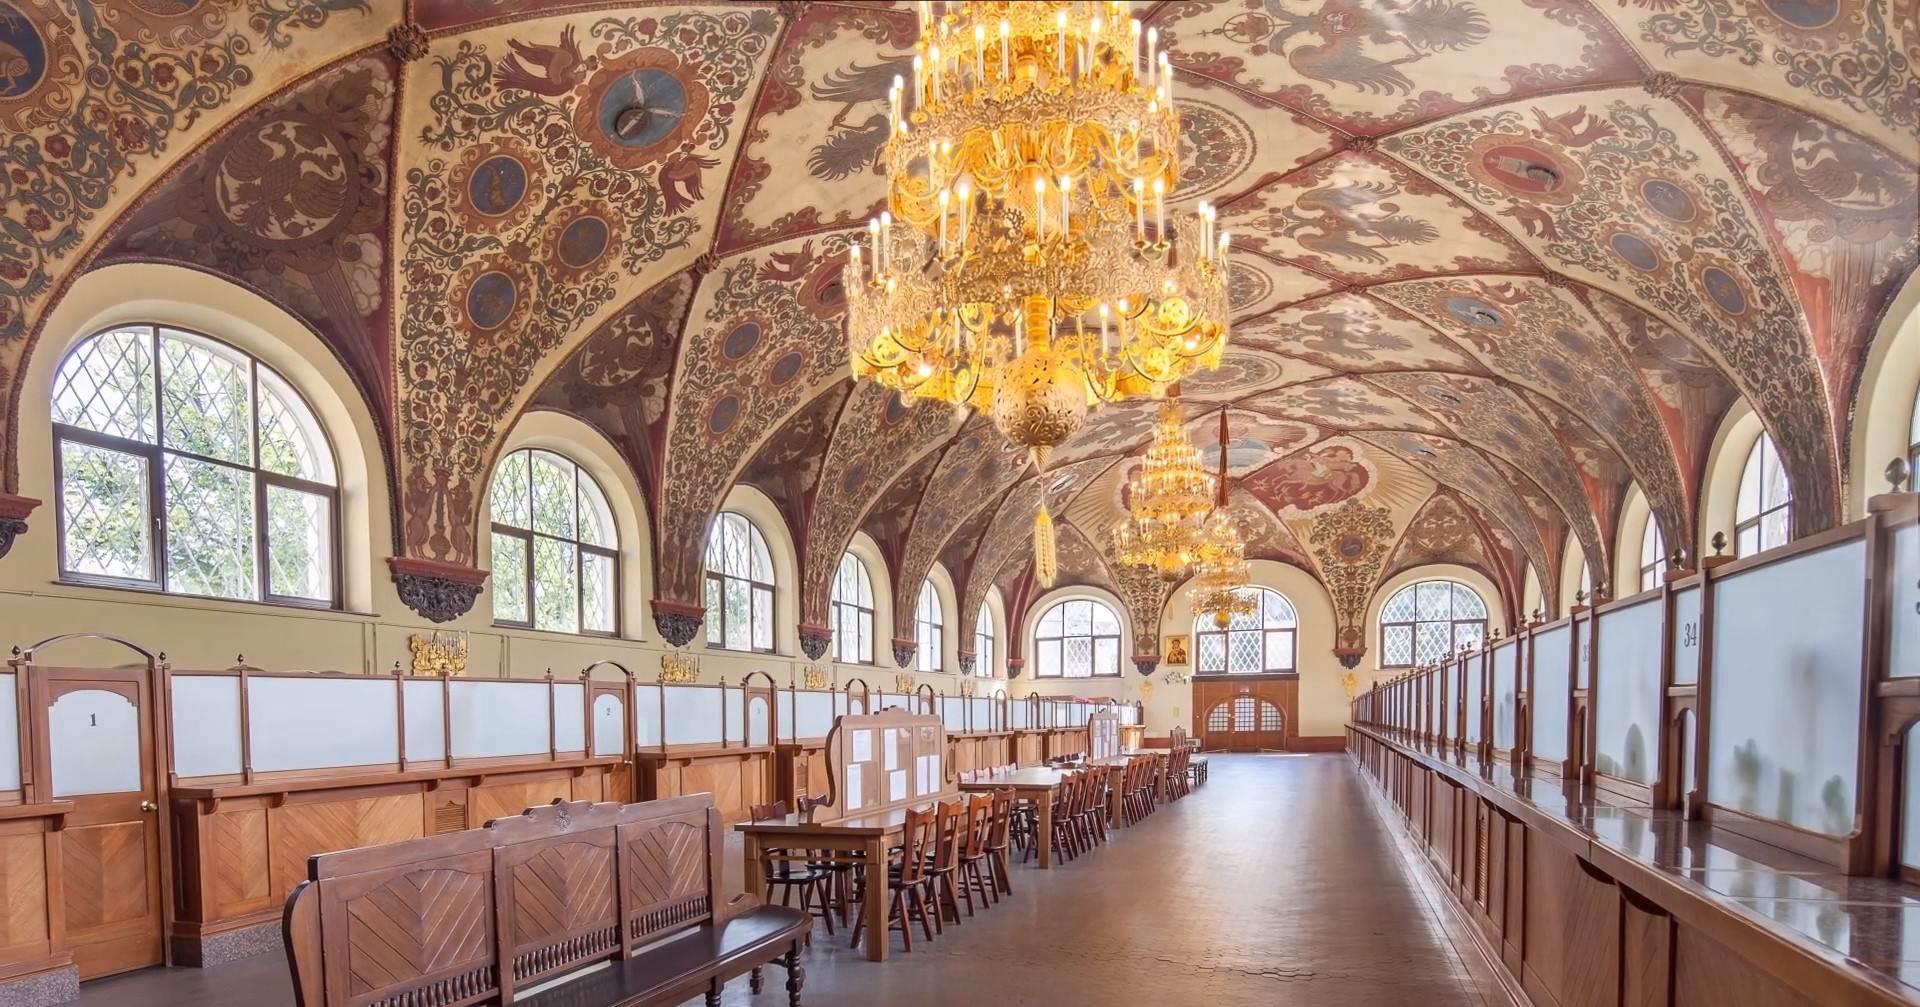 Государственный банк России в Нижнем Новгороде приглашает на онлайн-квест по банковскому зданию на улице Большой Покровской